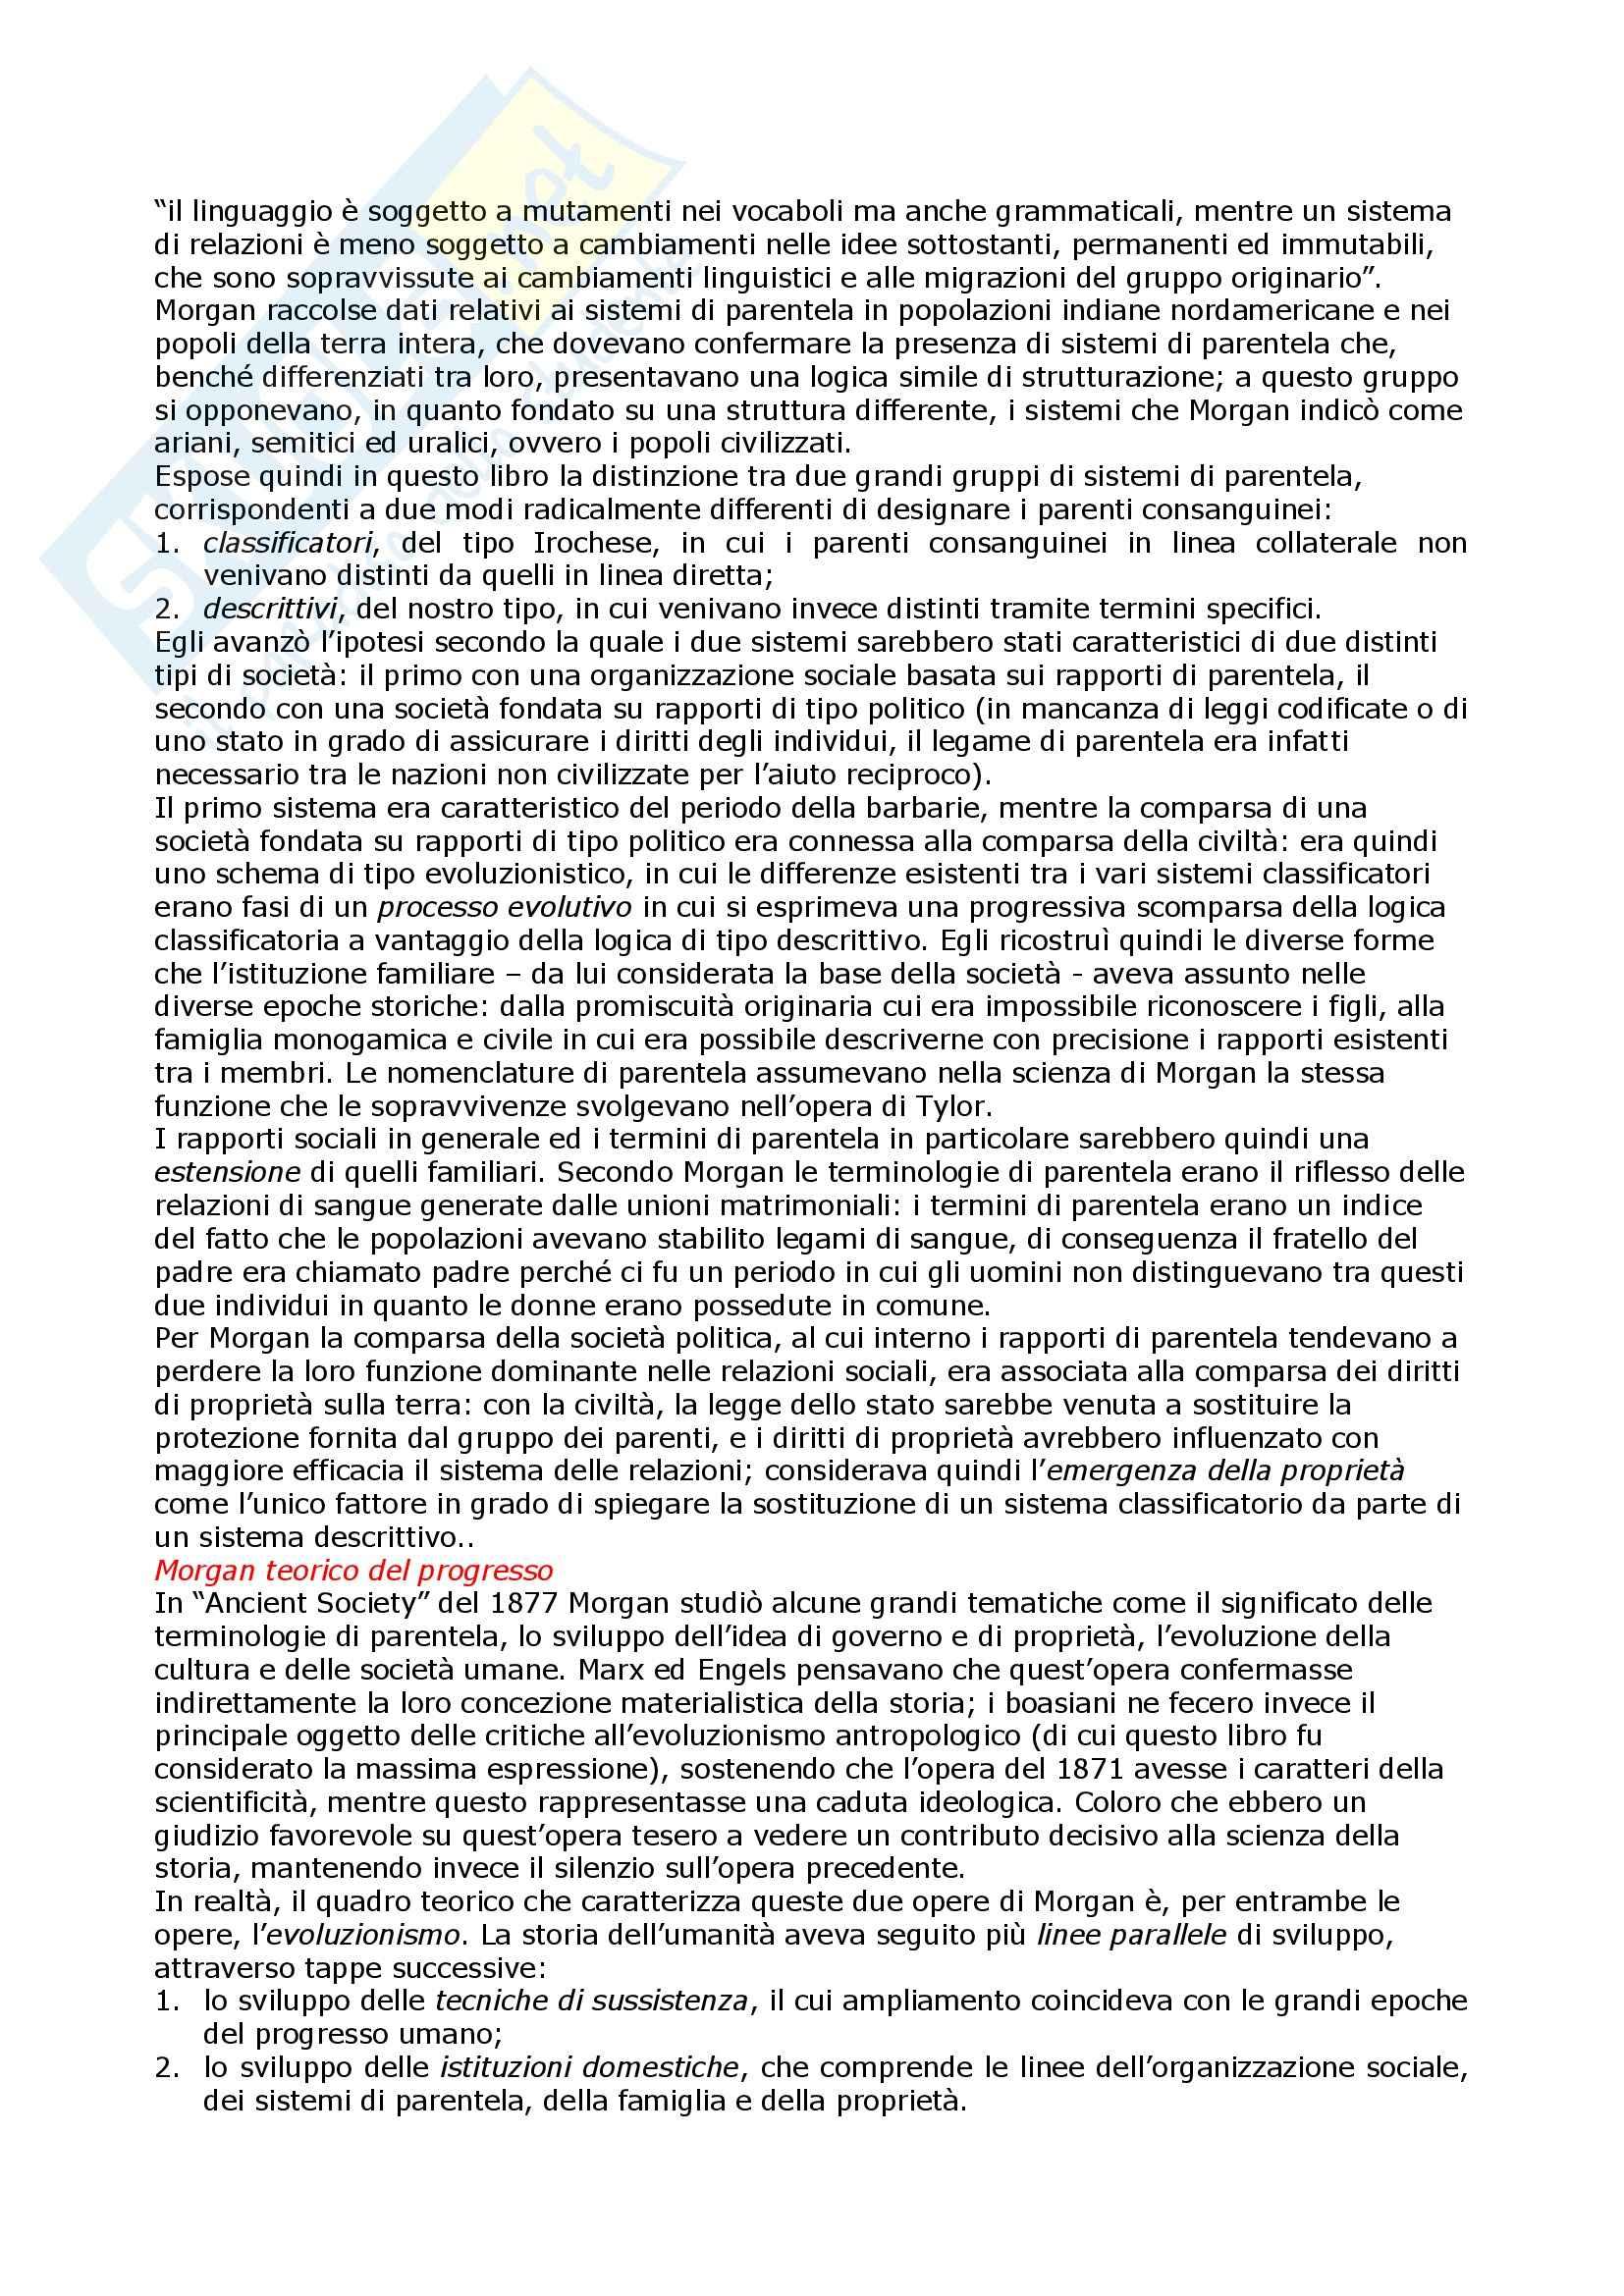 Storia dell'antropologia - Appunti Pag. 6